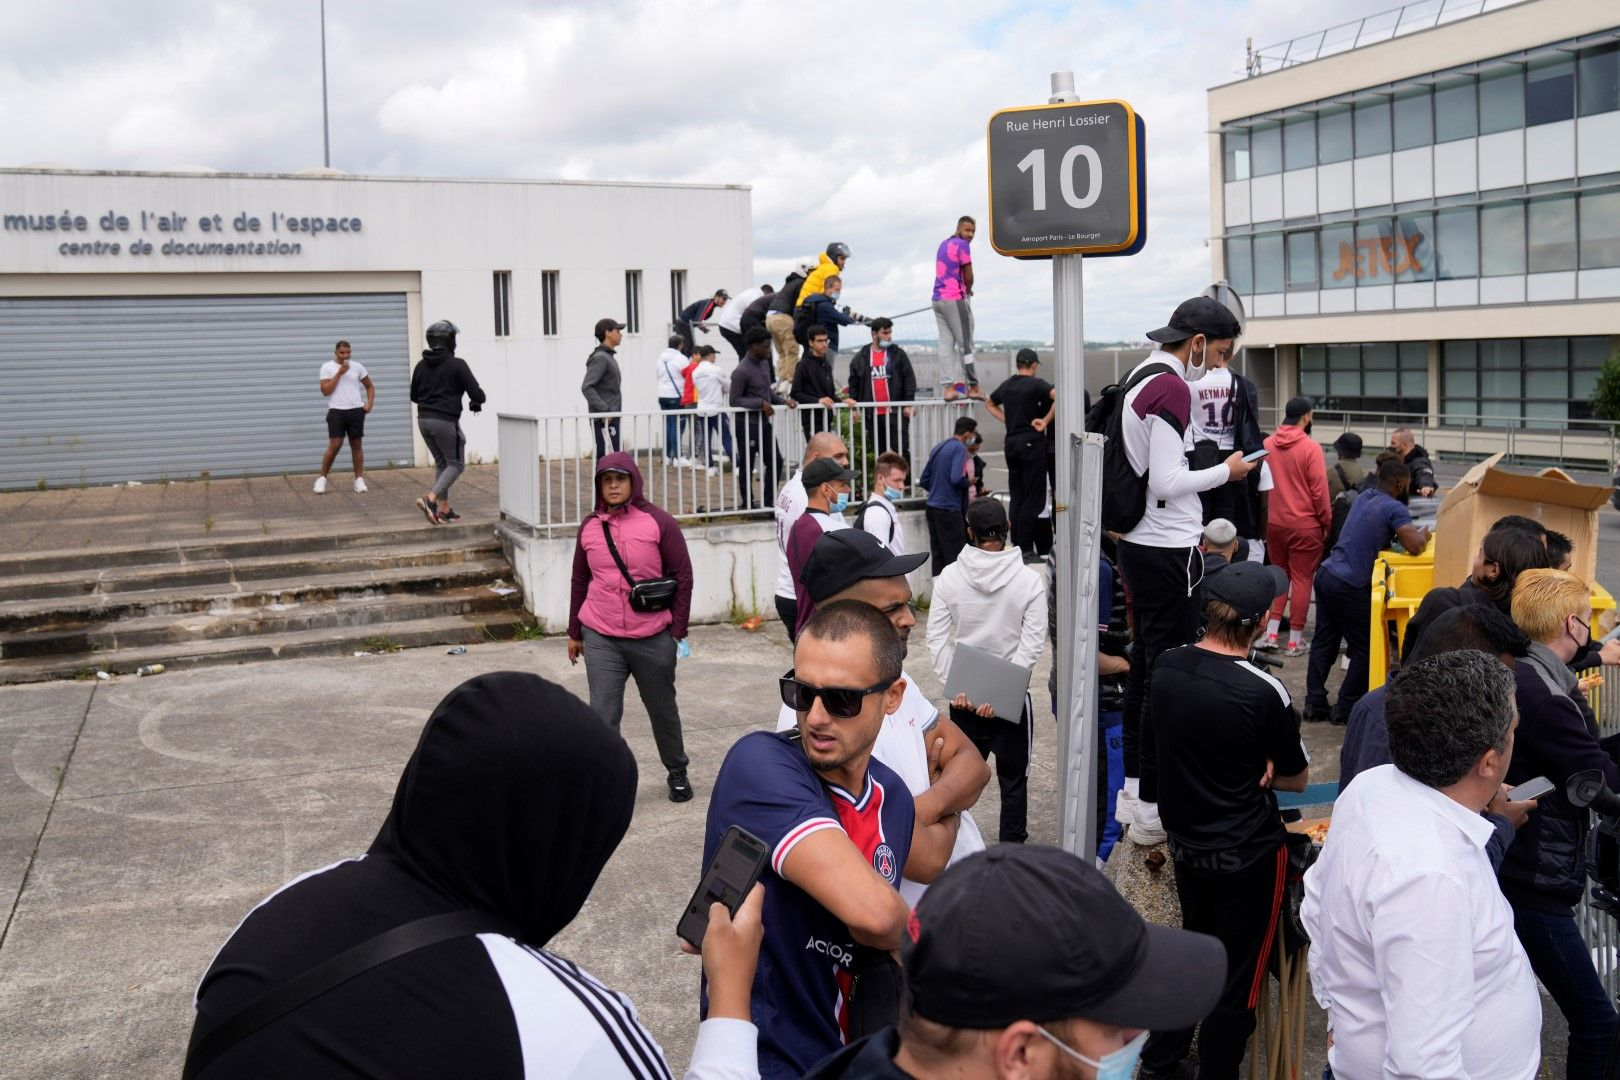 """Летище """"Ла Бурже"""" - фенове на ПСЖ чакат да кацне частният самолет на Меси"""